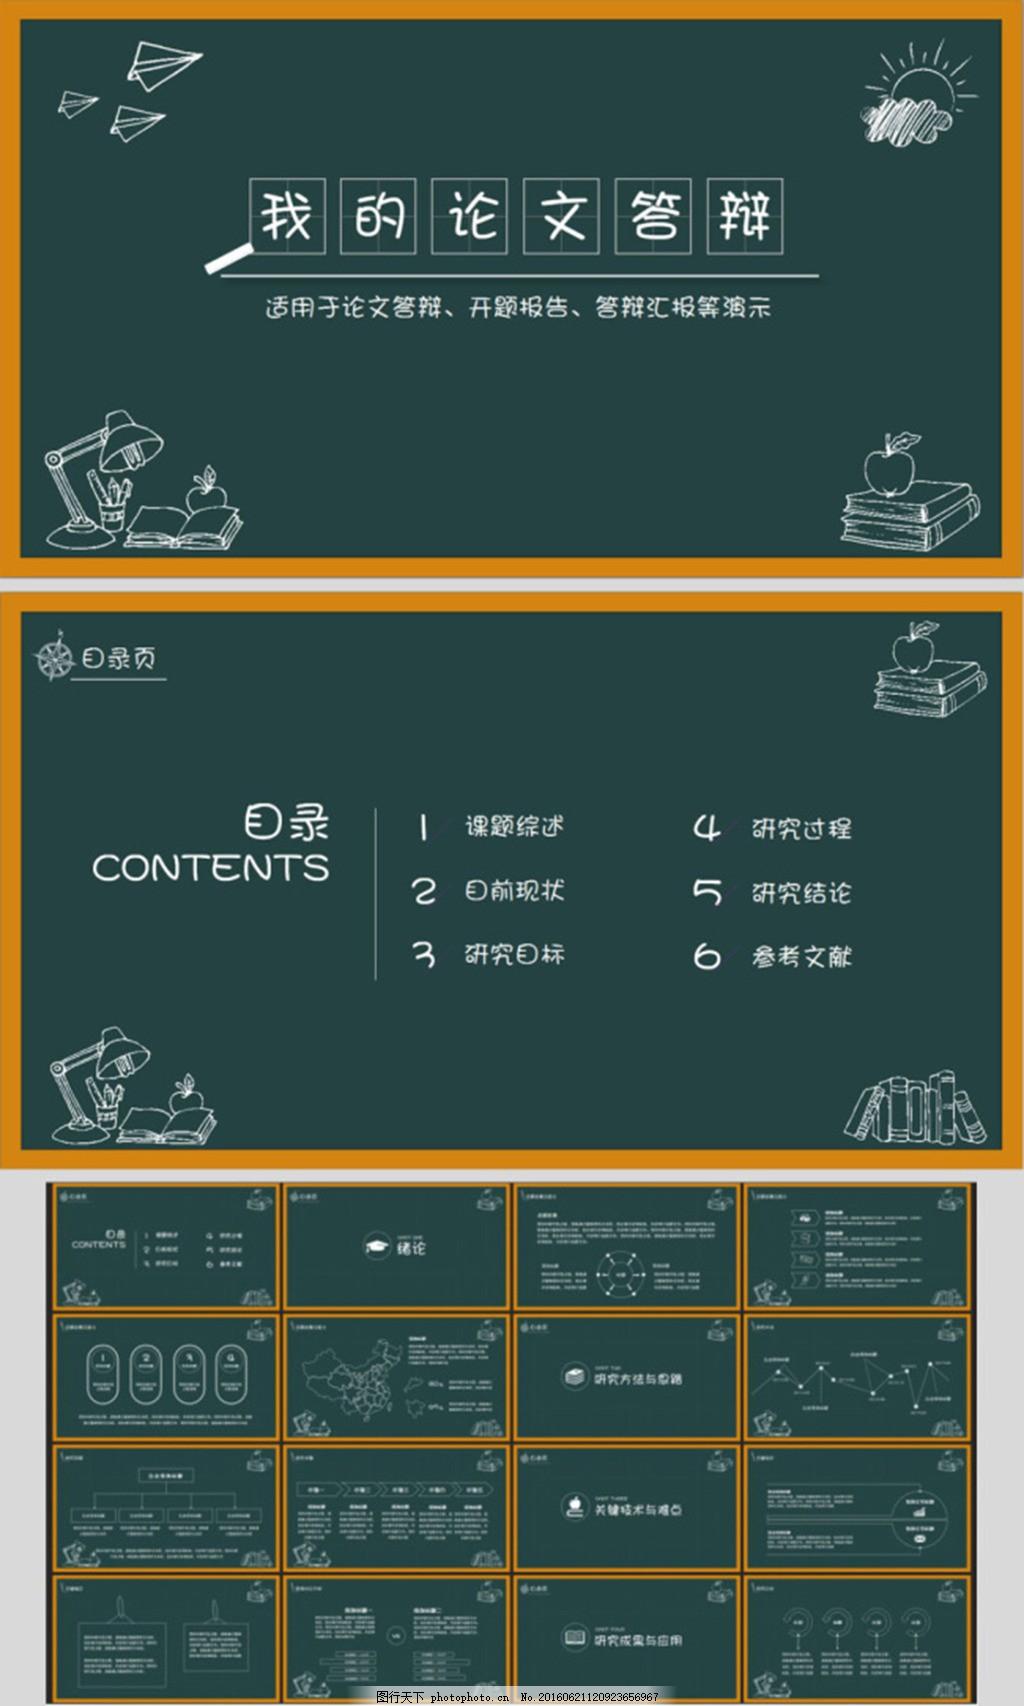 中国黑板风教育教 ppt模板 中国风 手绘 粉笔 教育教学 黑板背景